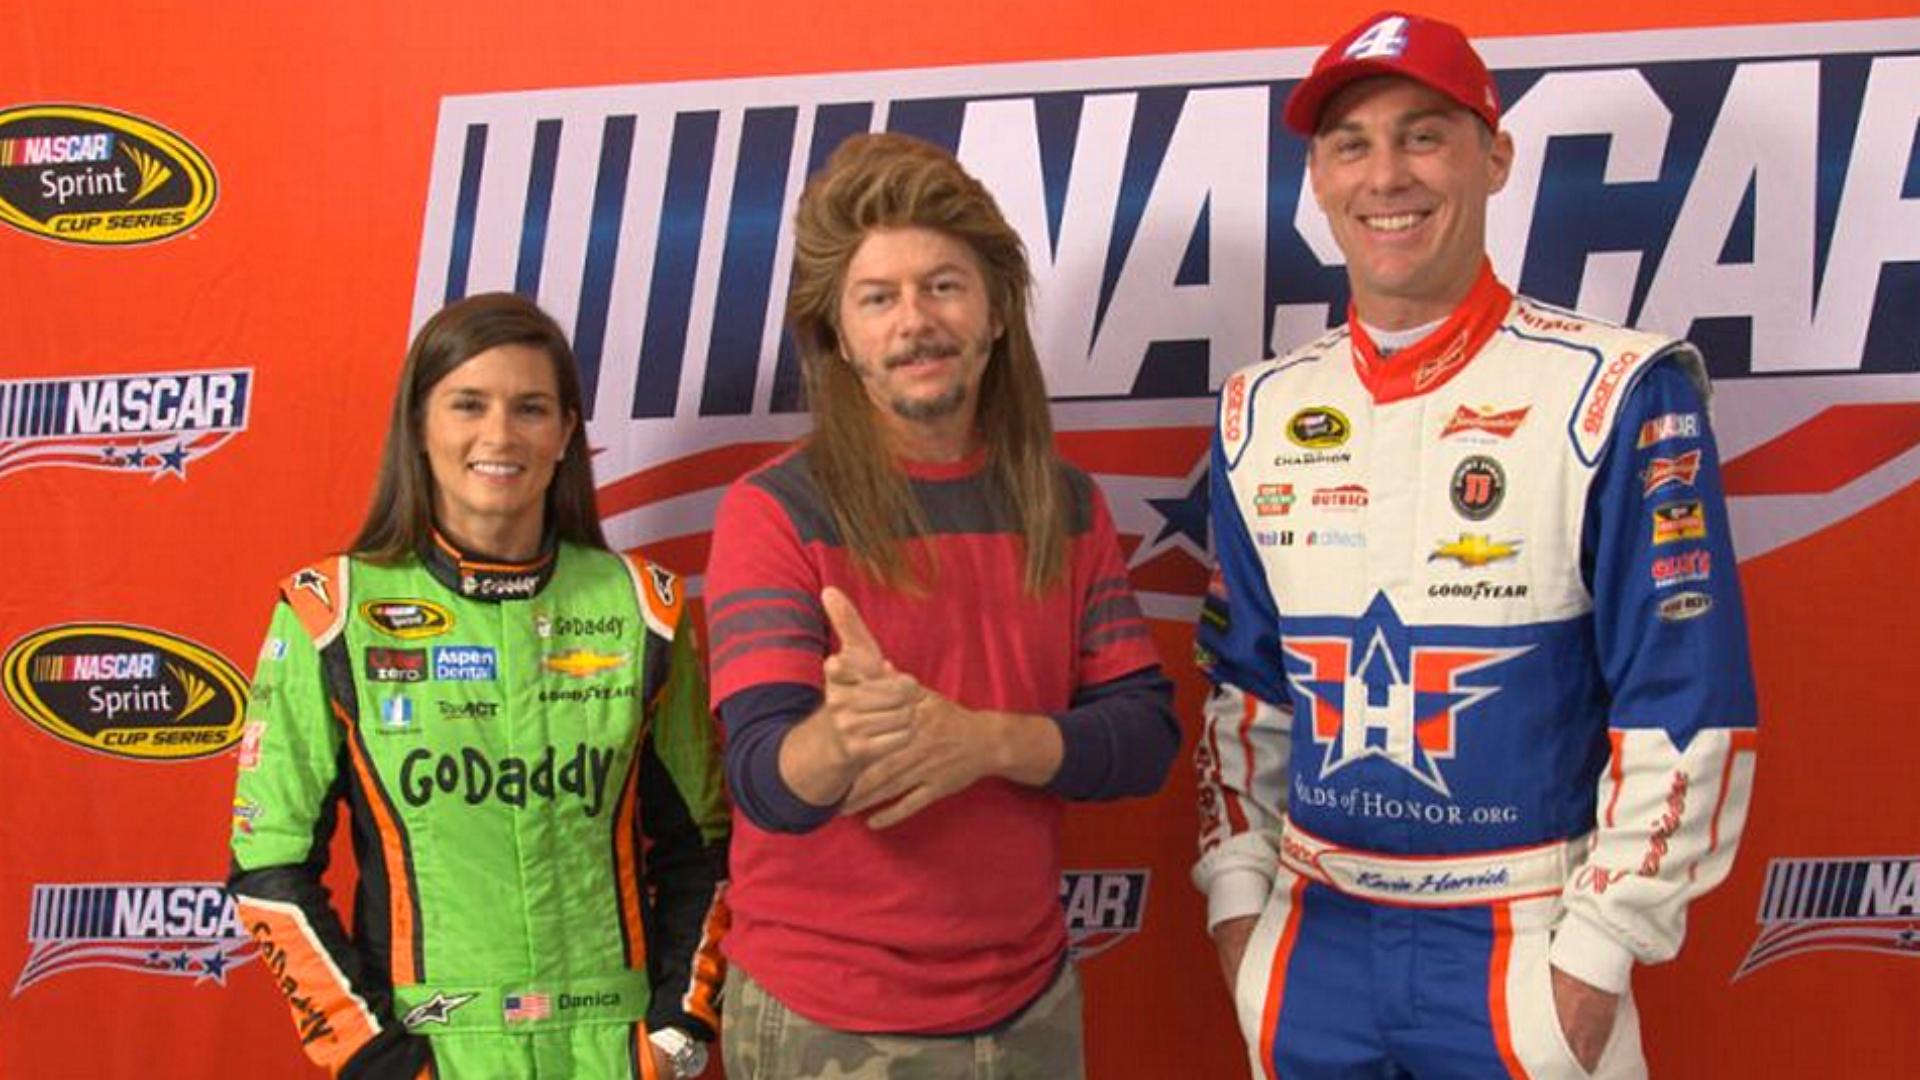 Joe Dirt gives advice to Kevin Harvick, Danica Patrick at Daytona